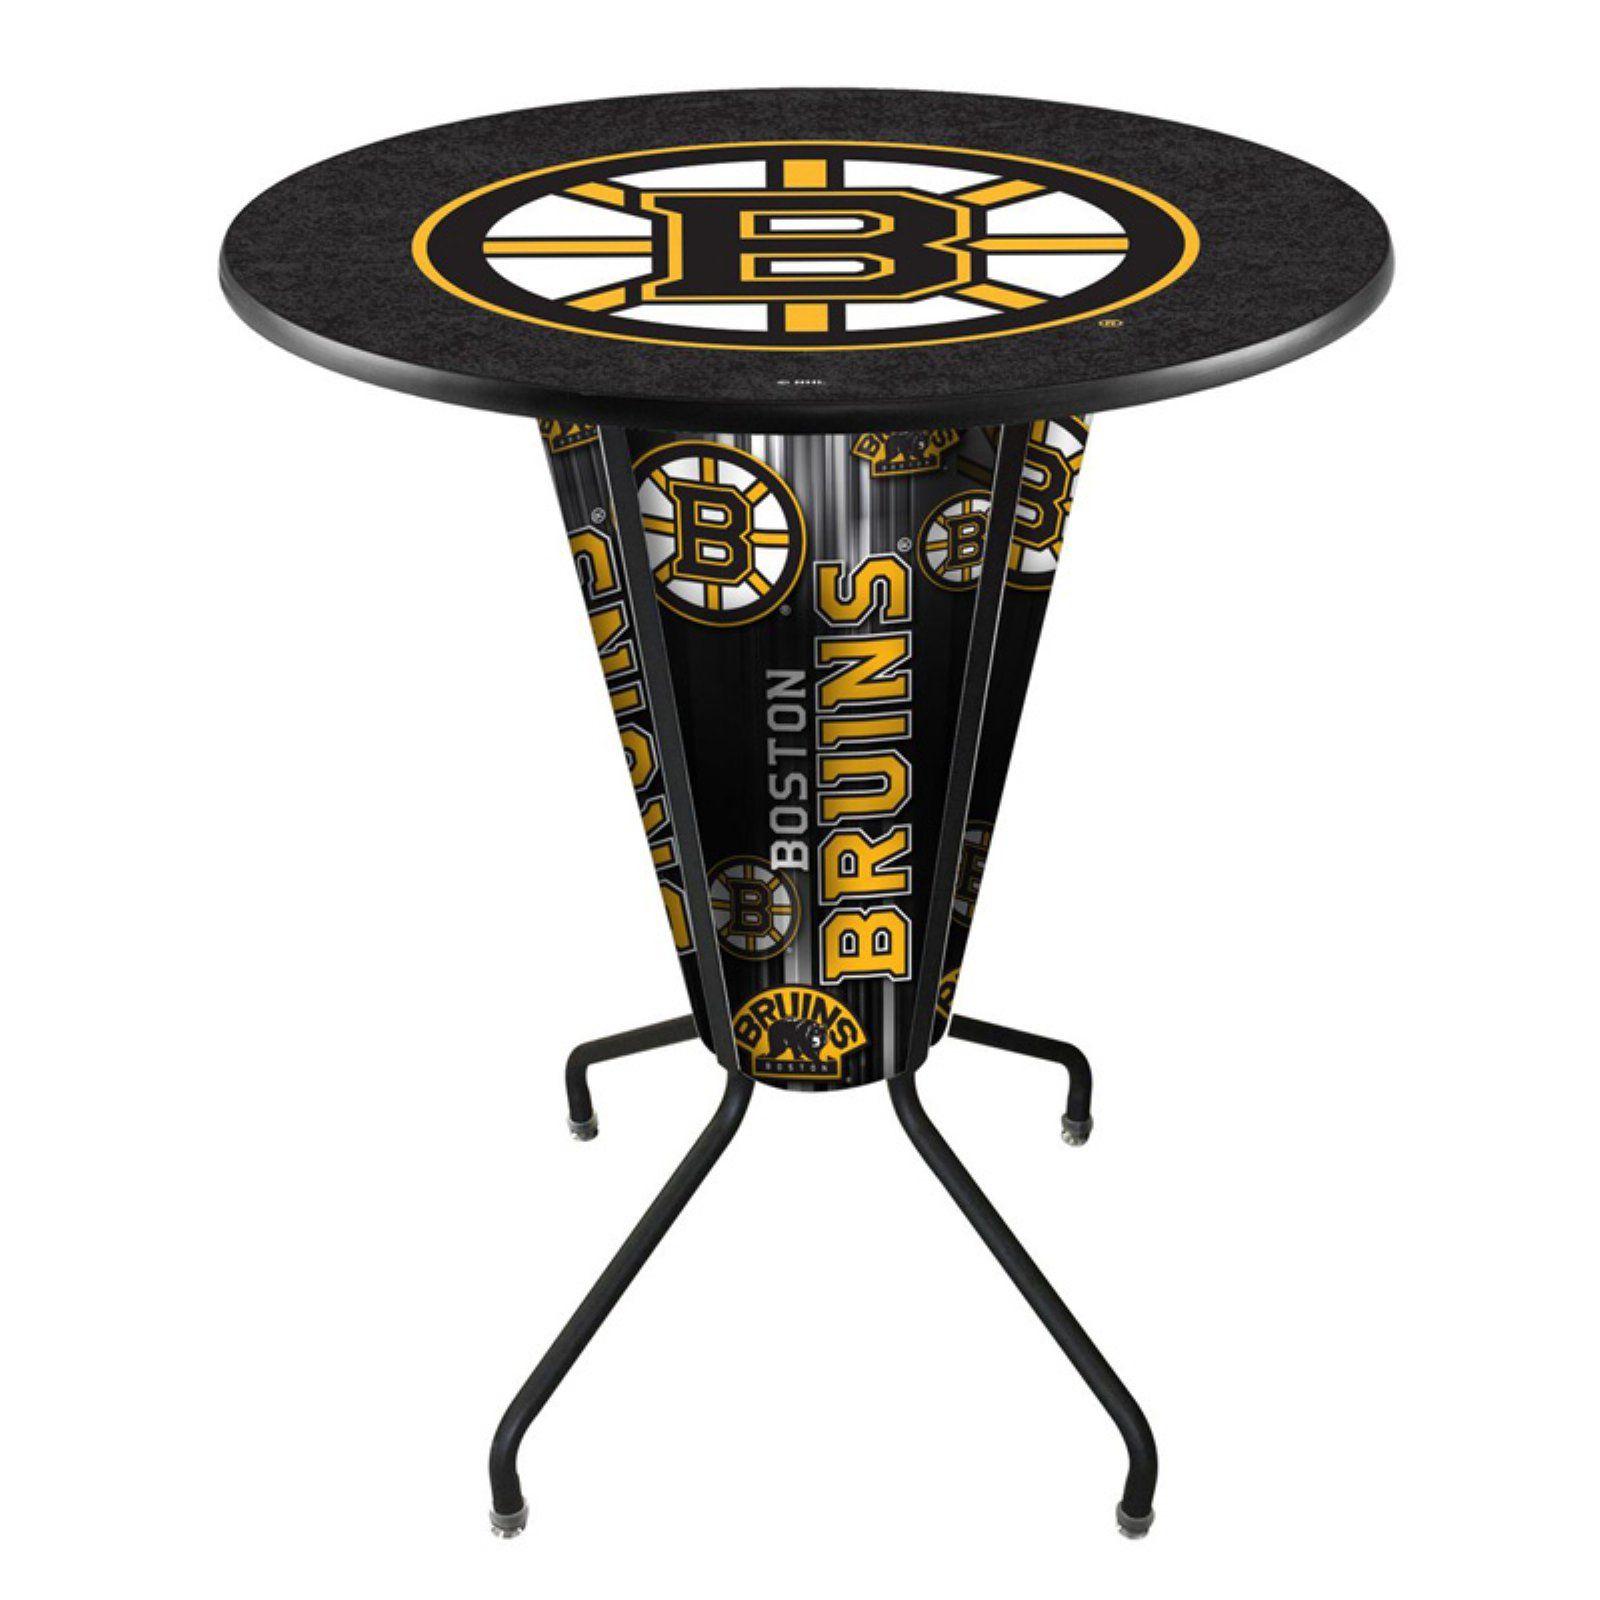 Holland Bar Stool Co Lighted NHL Team Pub Table with Logo